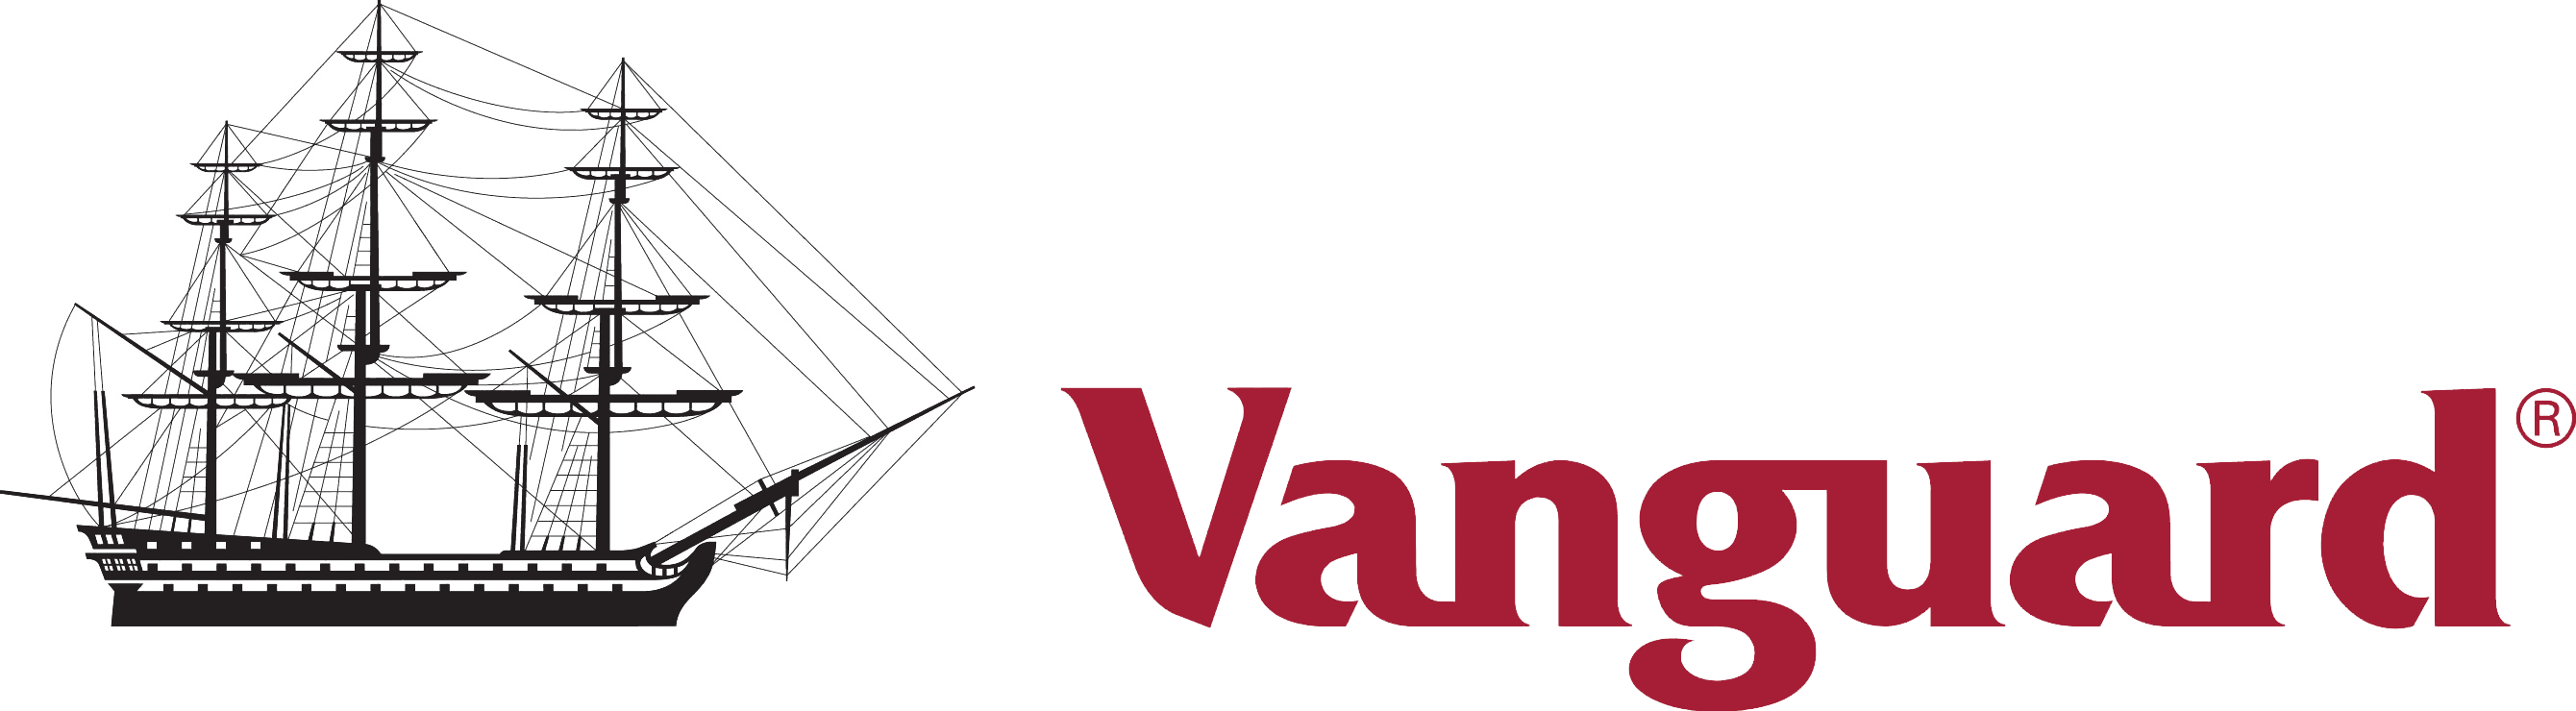 Vanguard S&P 500 ETF (NYSEARCA:VOO) Company Logo